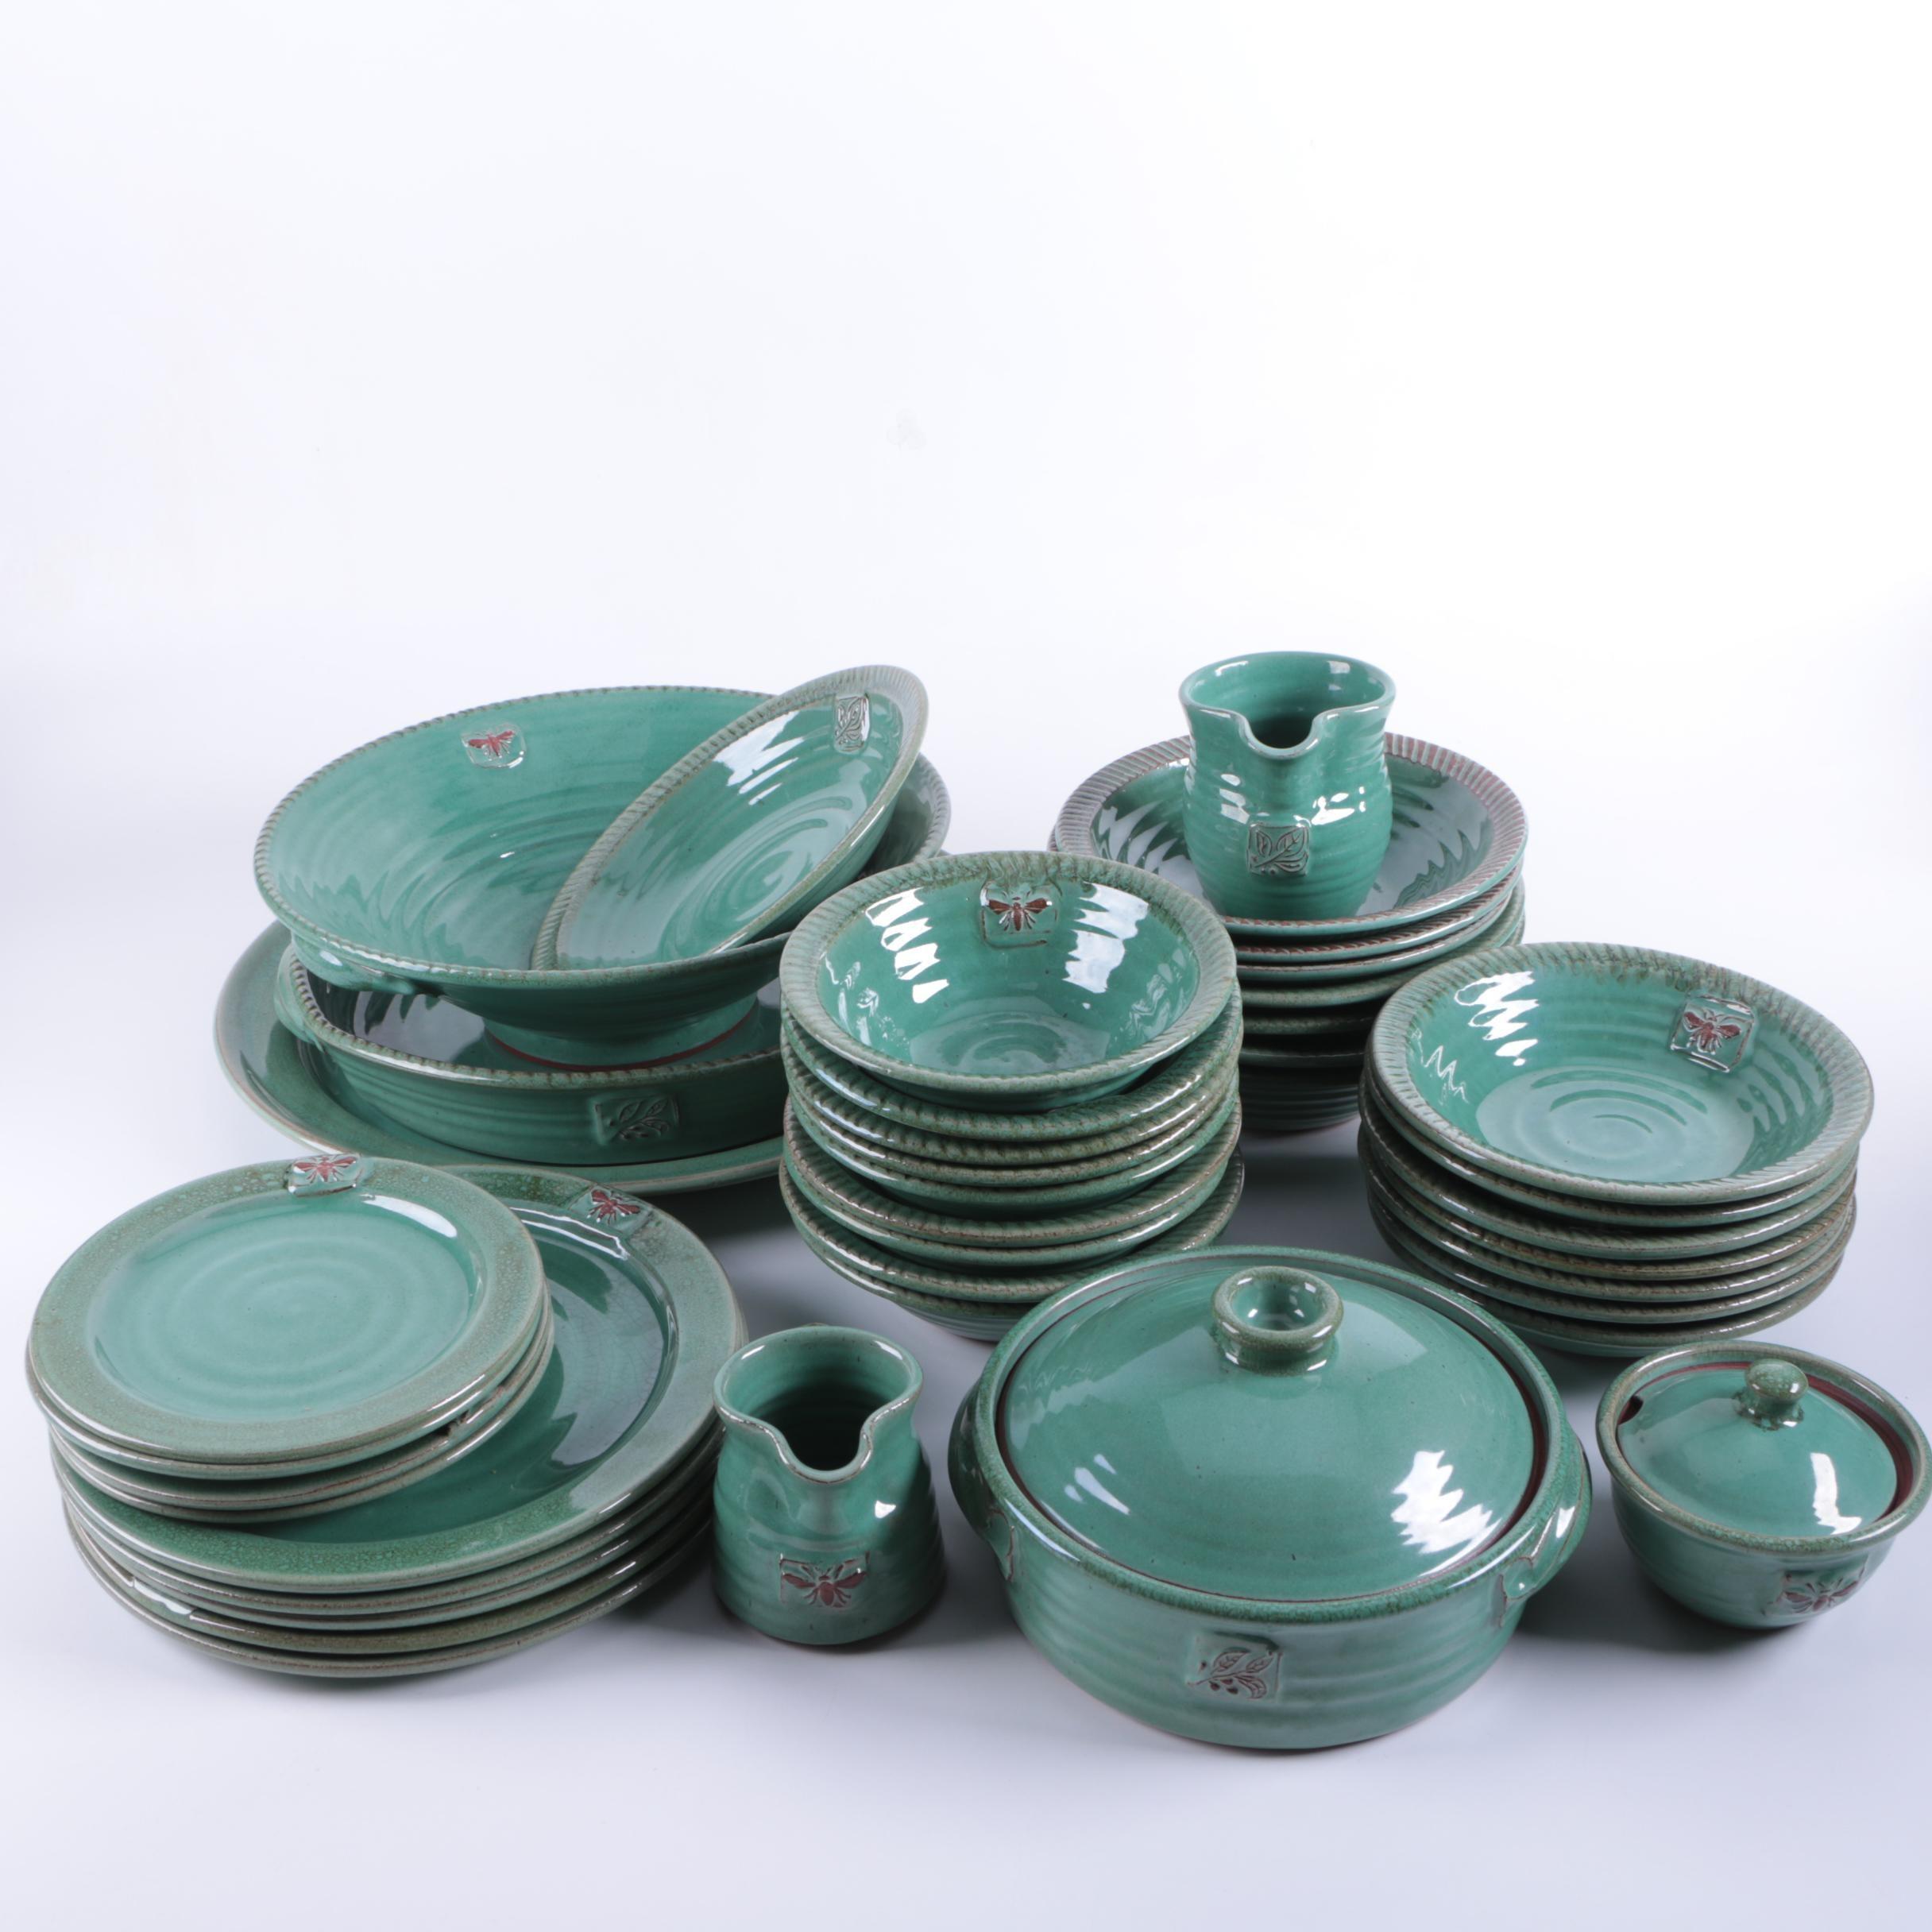 Handmade Stoneware Dinnerware